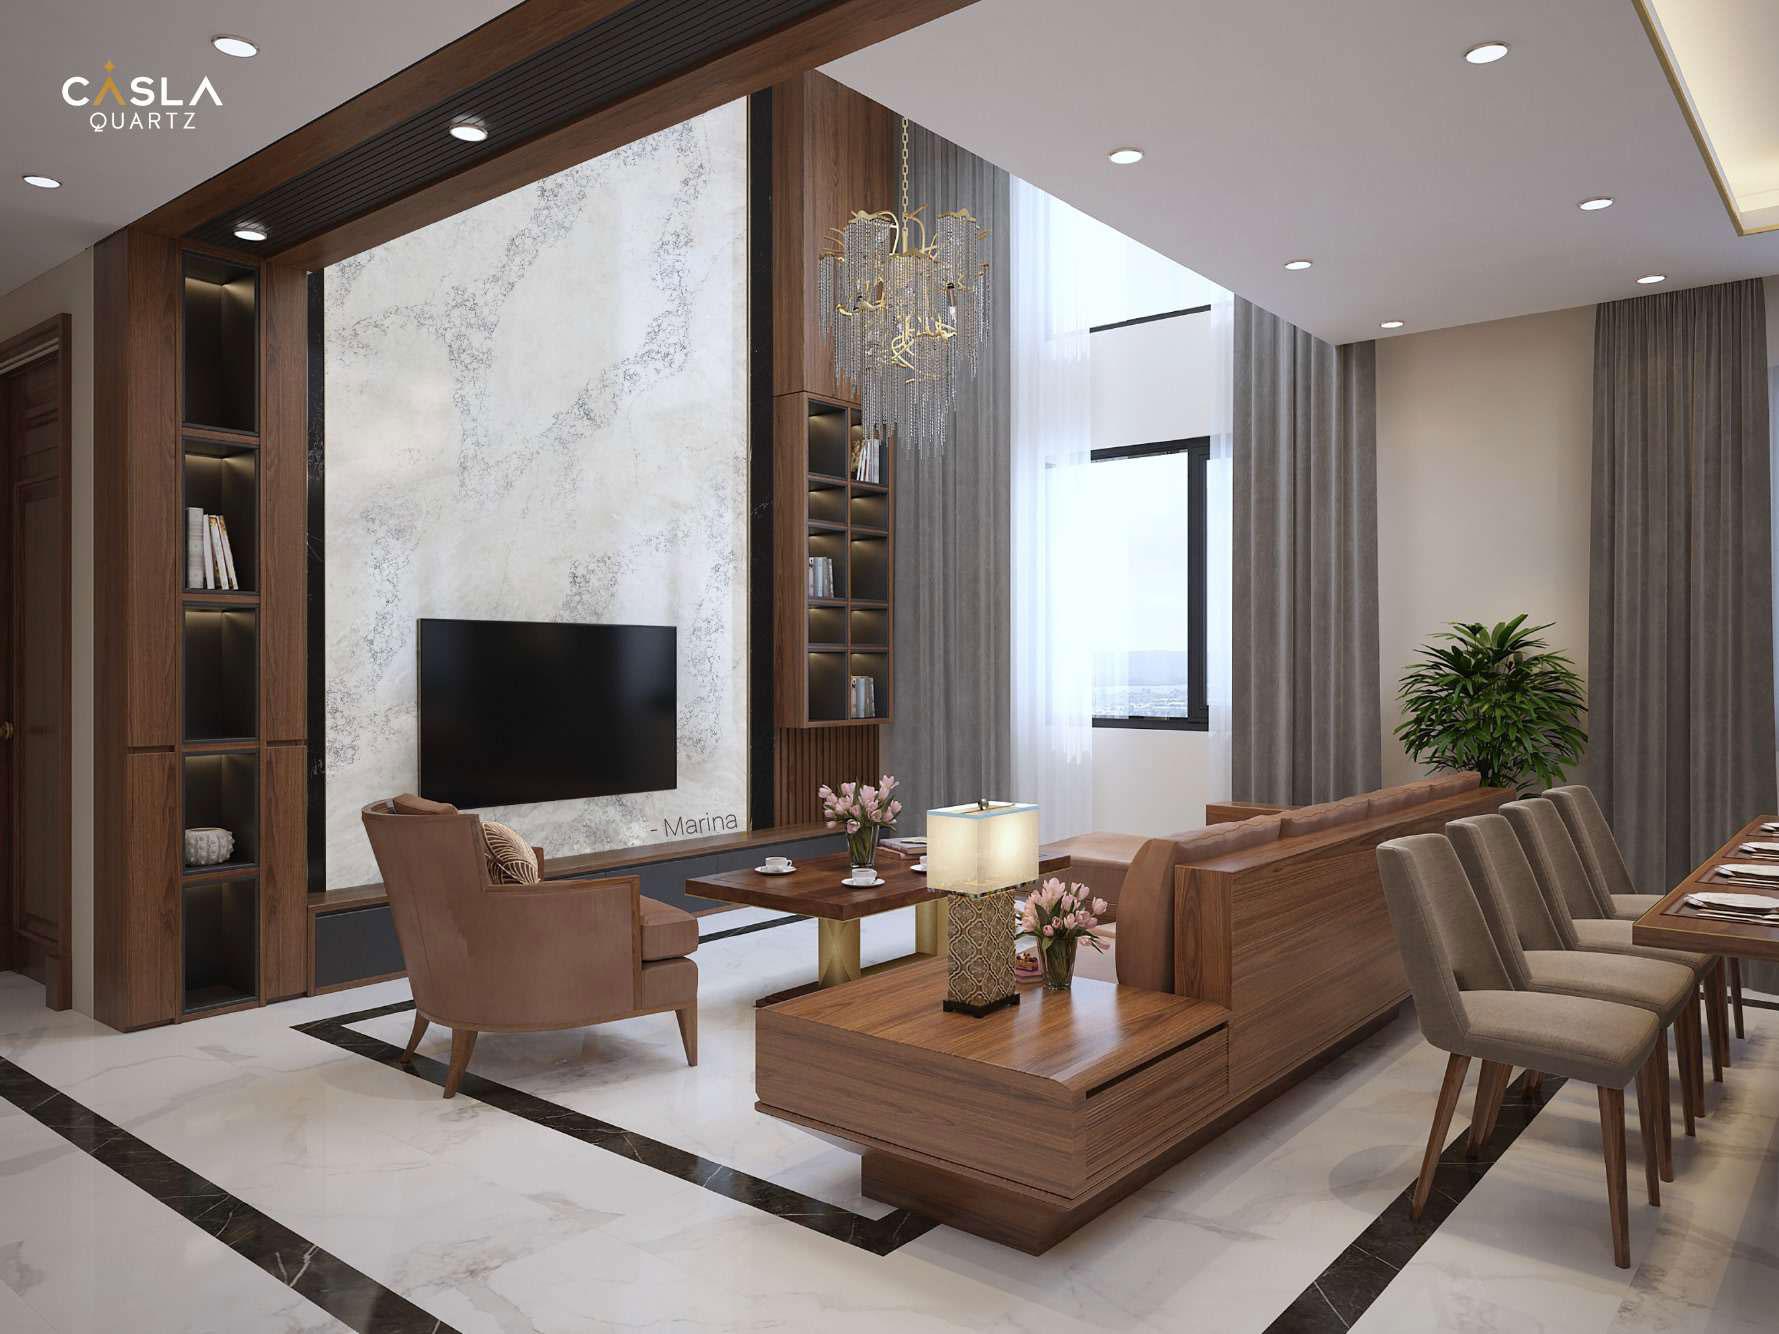 Kết hợp nội thất gỗ và ốp lát đá thạch anh nhân tạo cao cấp Caslaquartz